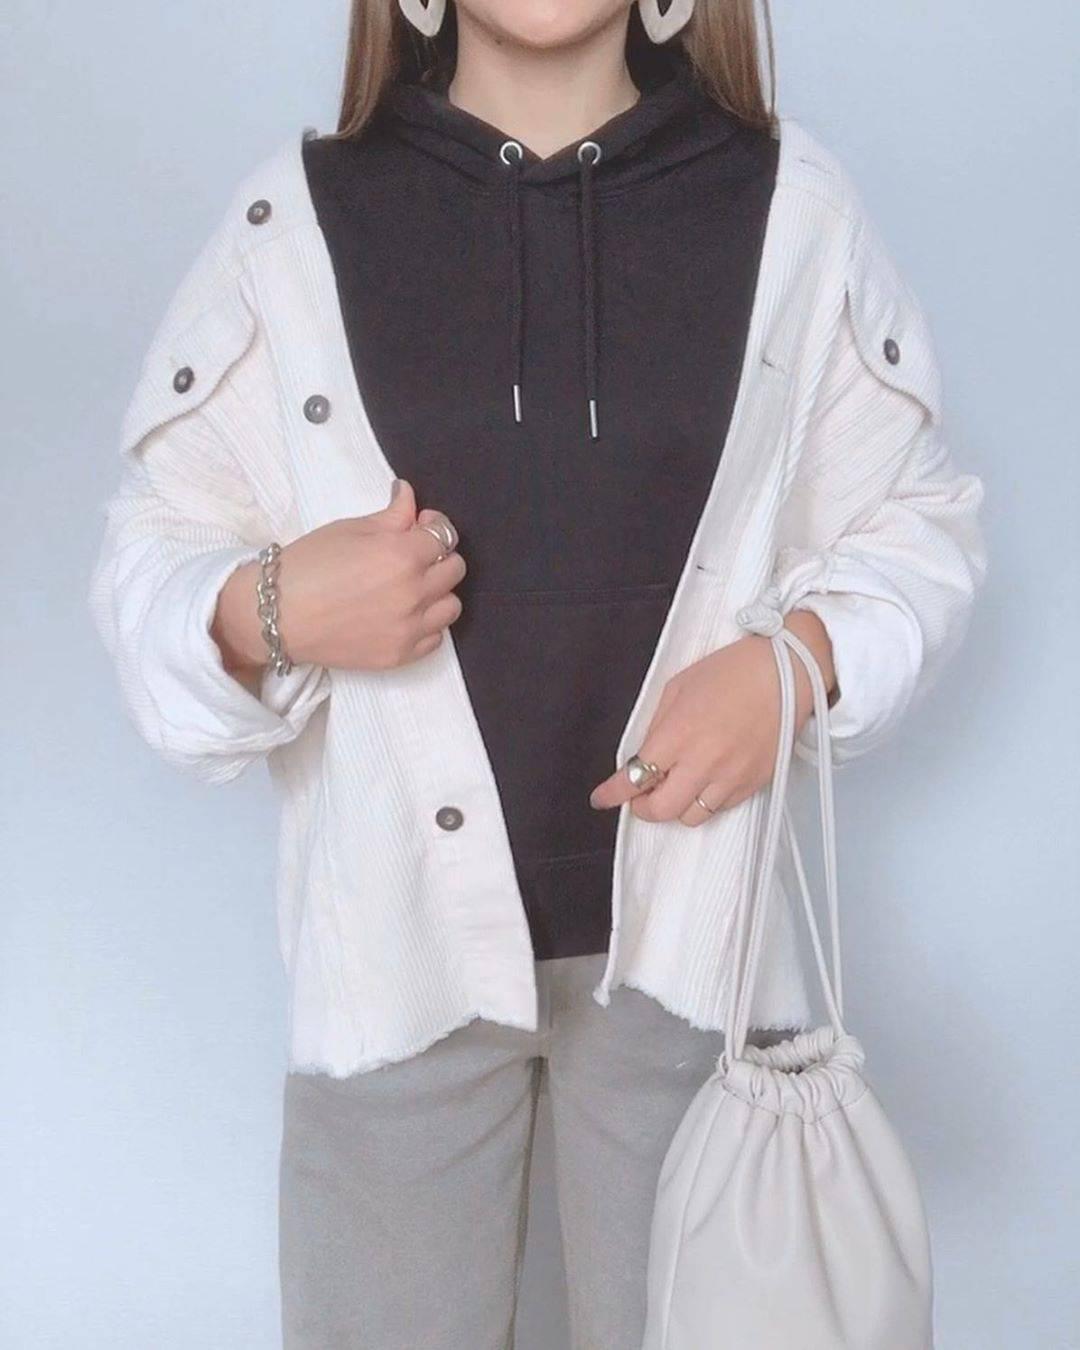 最高気温16度・最低気温12度 a8d4c4の服装